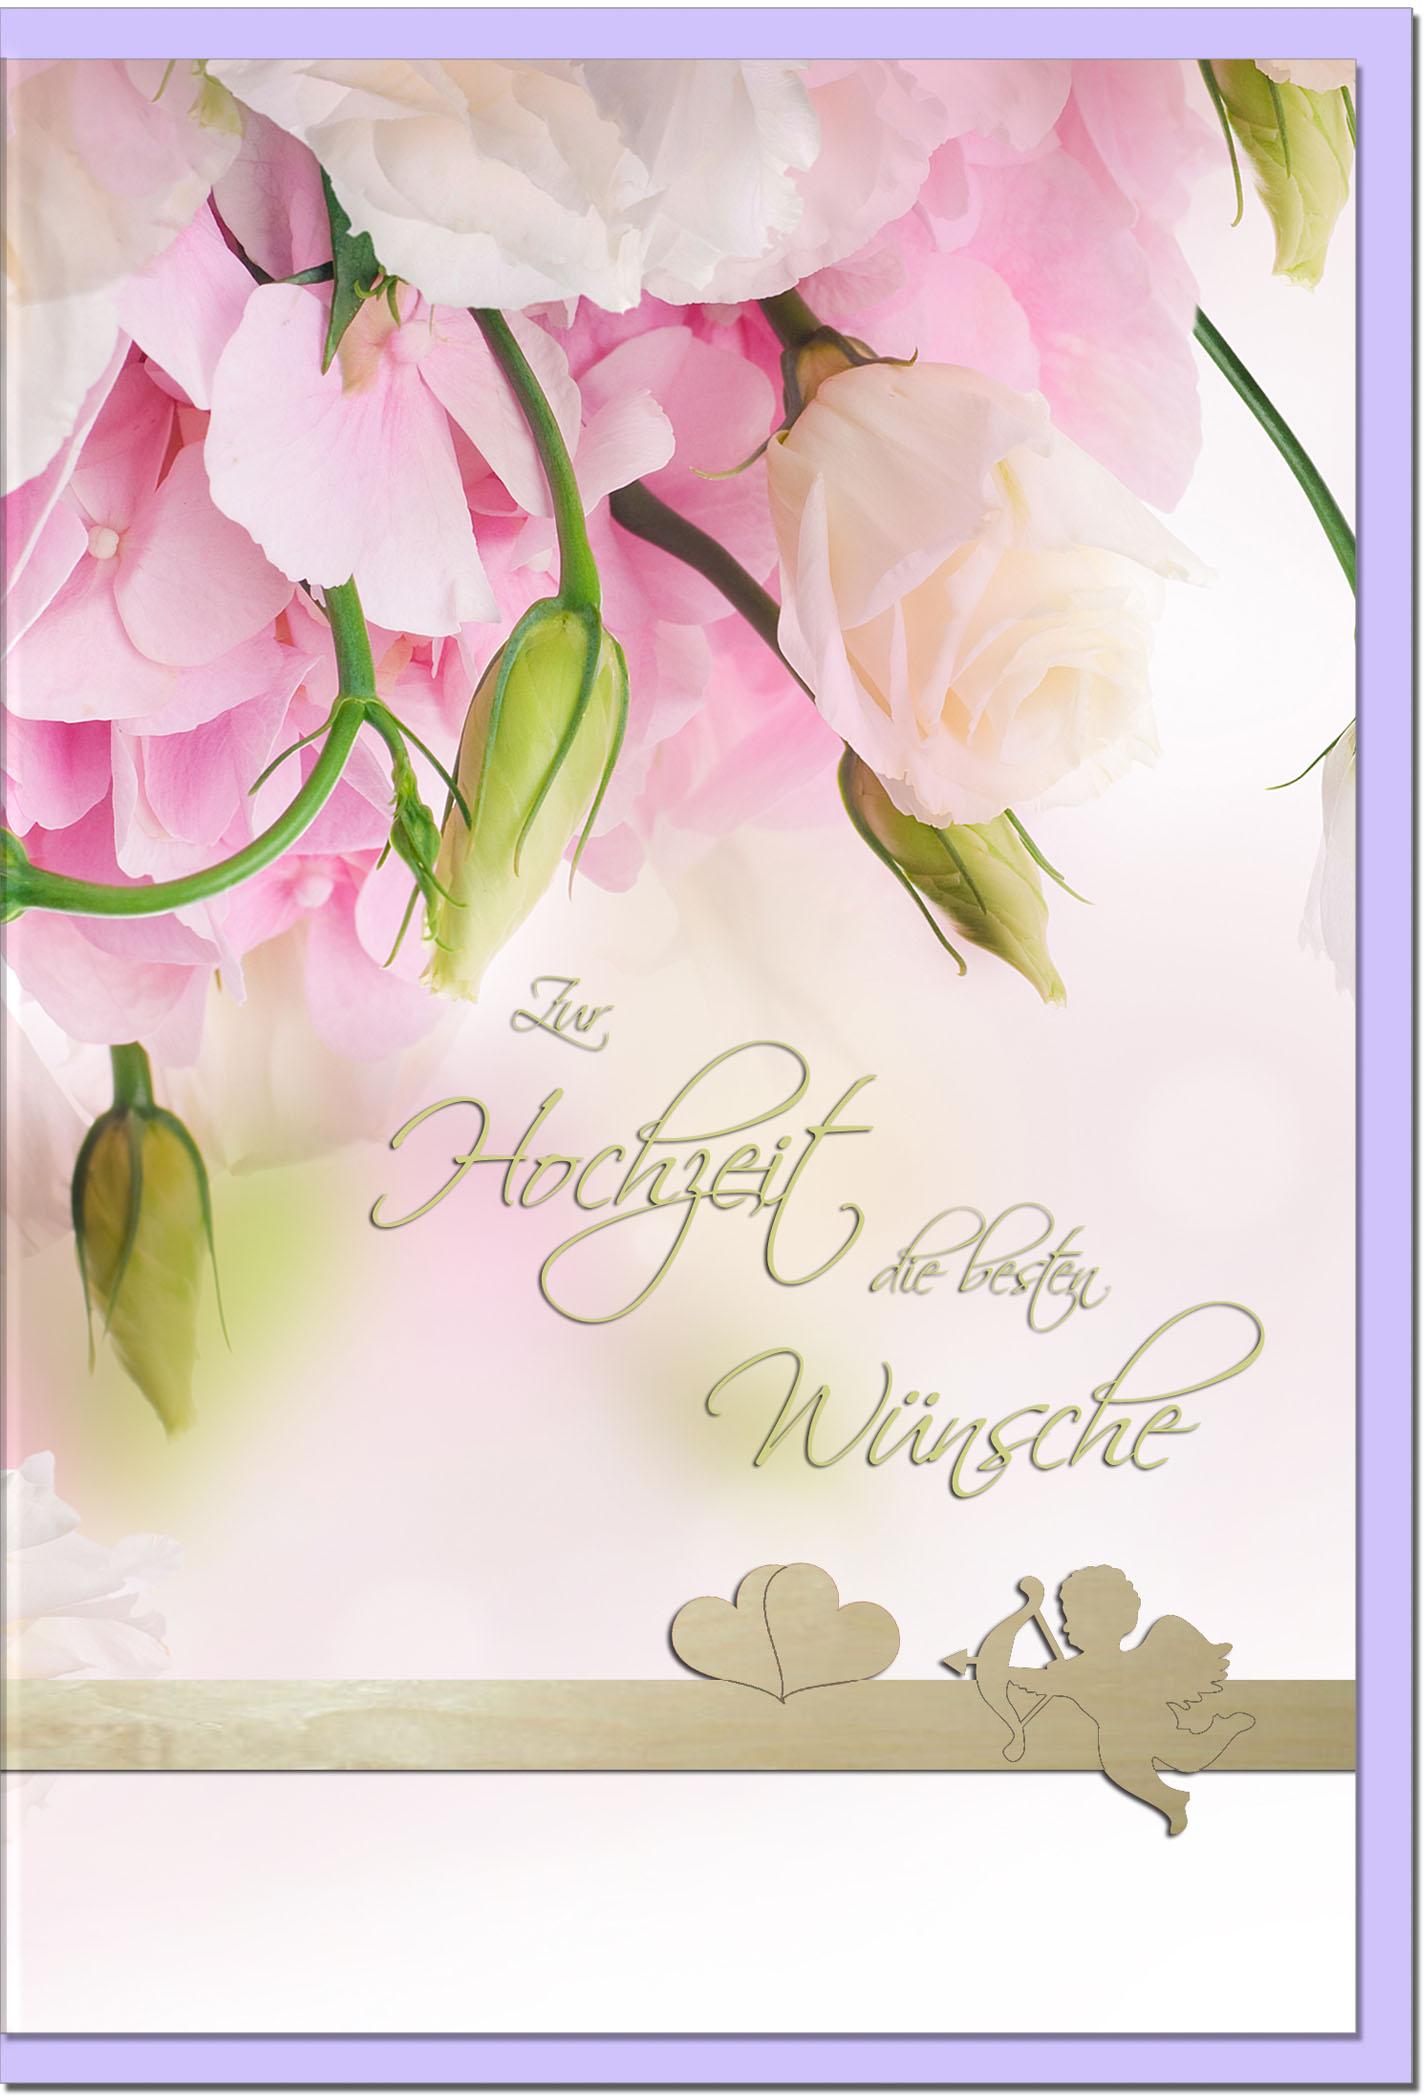 Hochzeitskarten / Grußkarten /Hochzeit Blumen